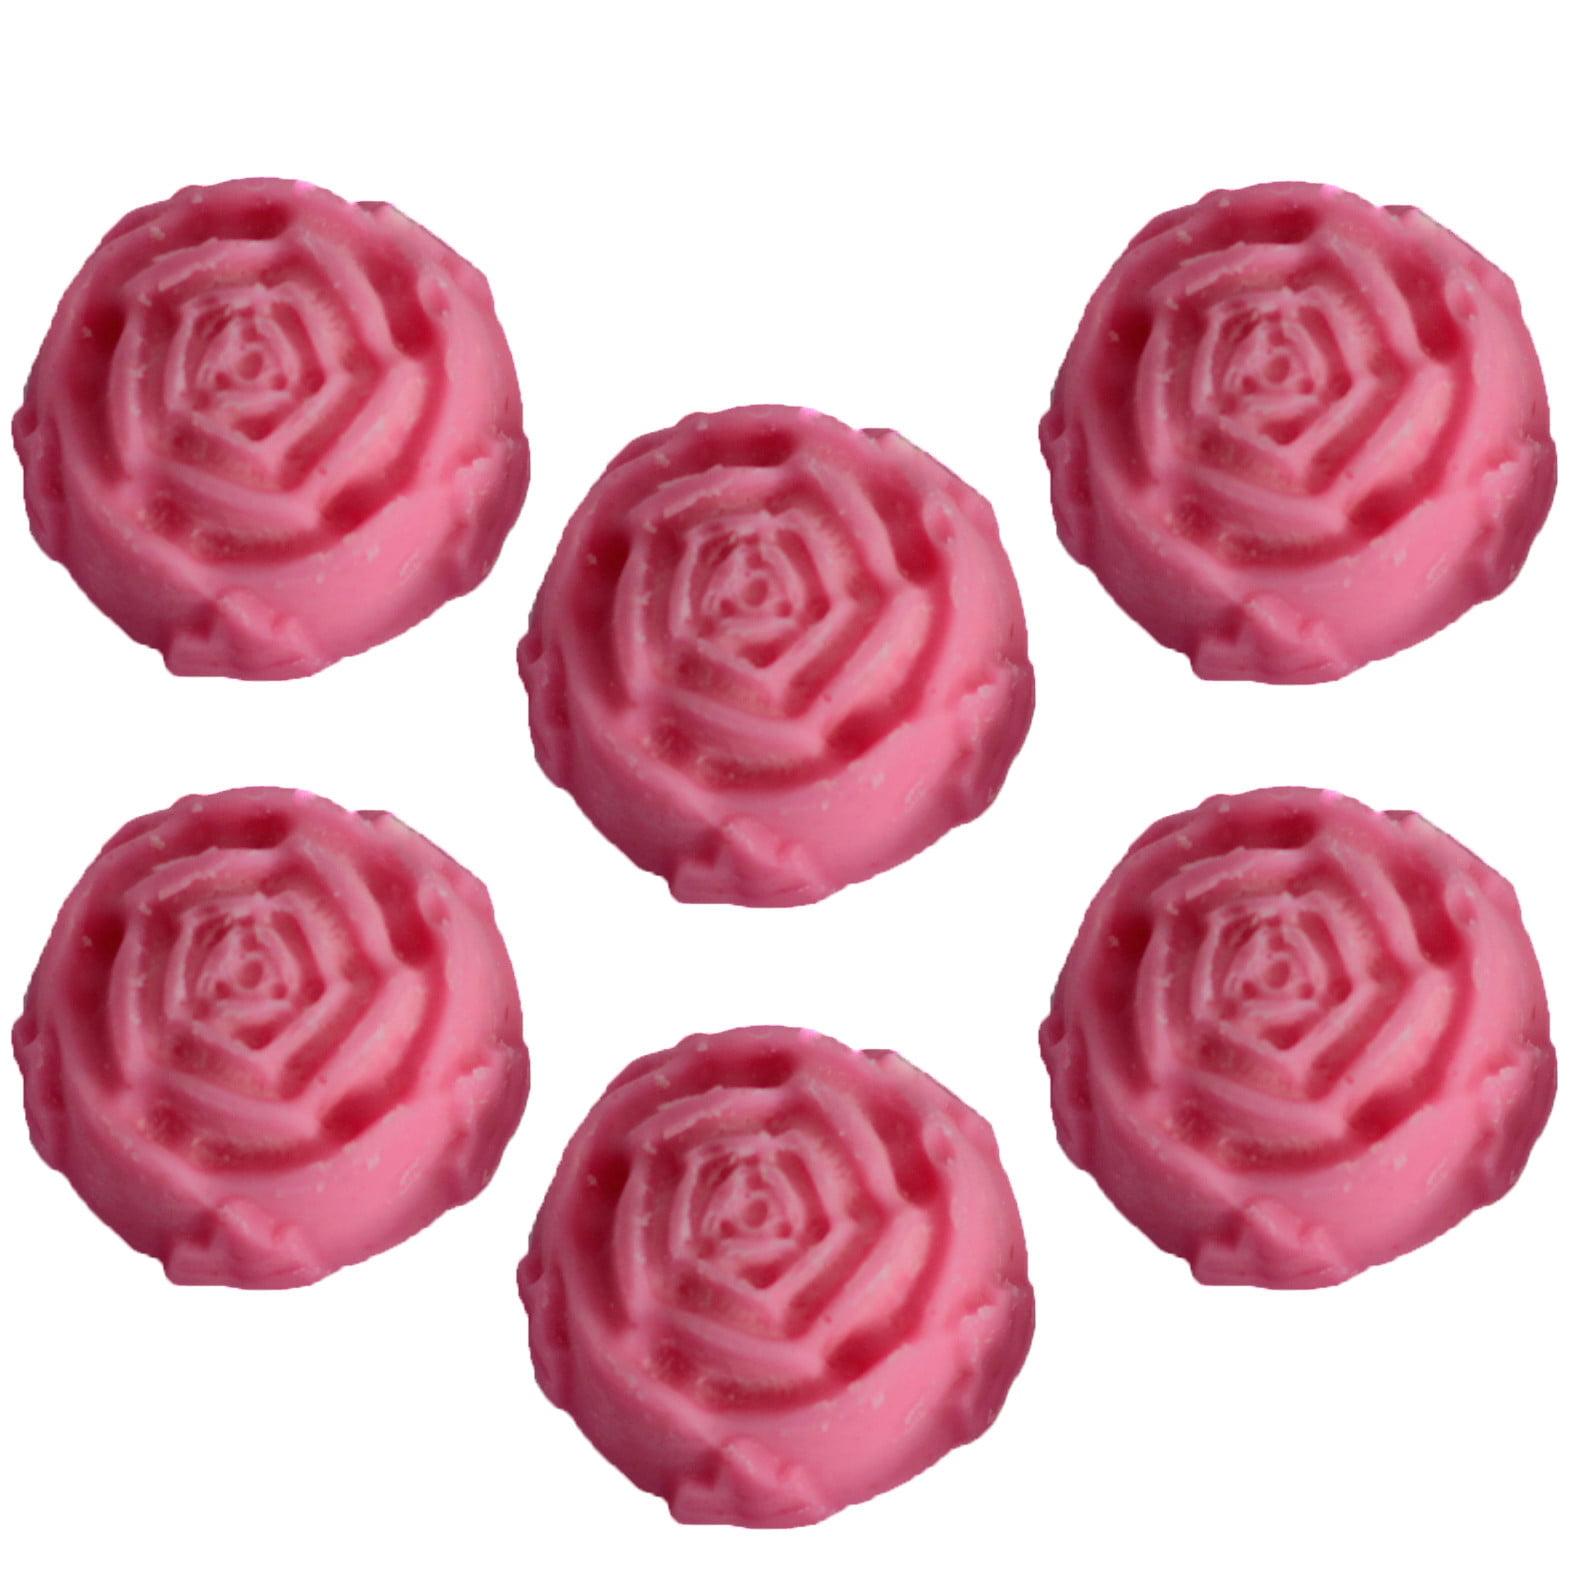 Vela de Soja Natural – Rosa Clássica